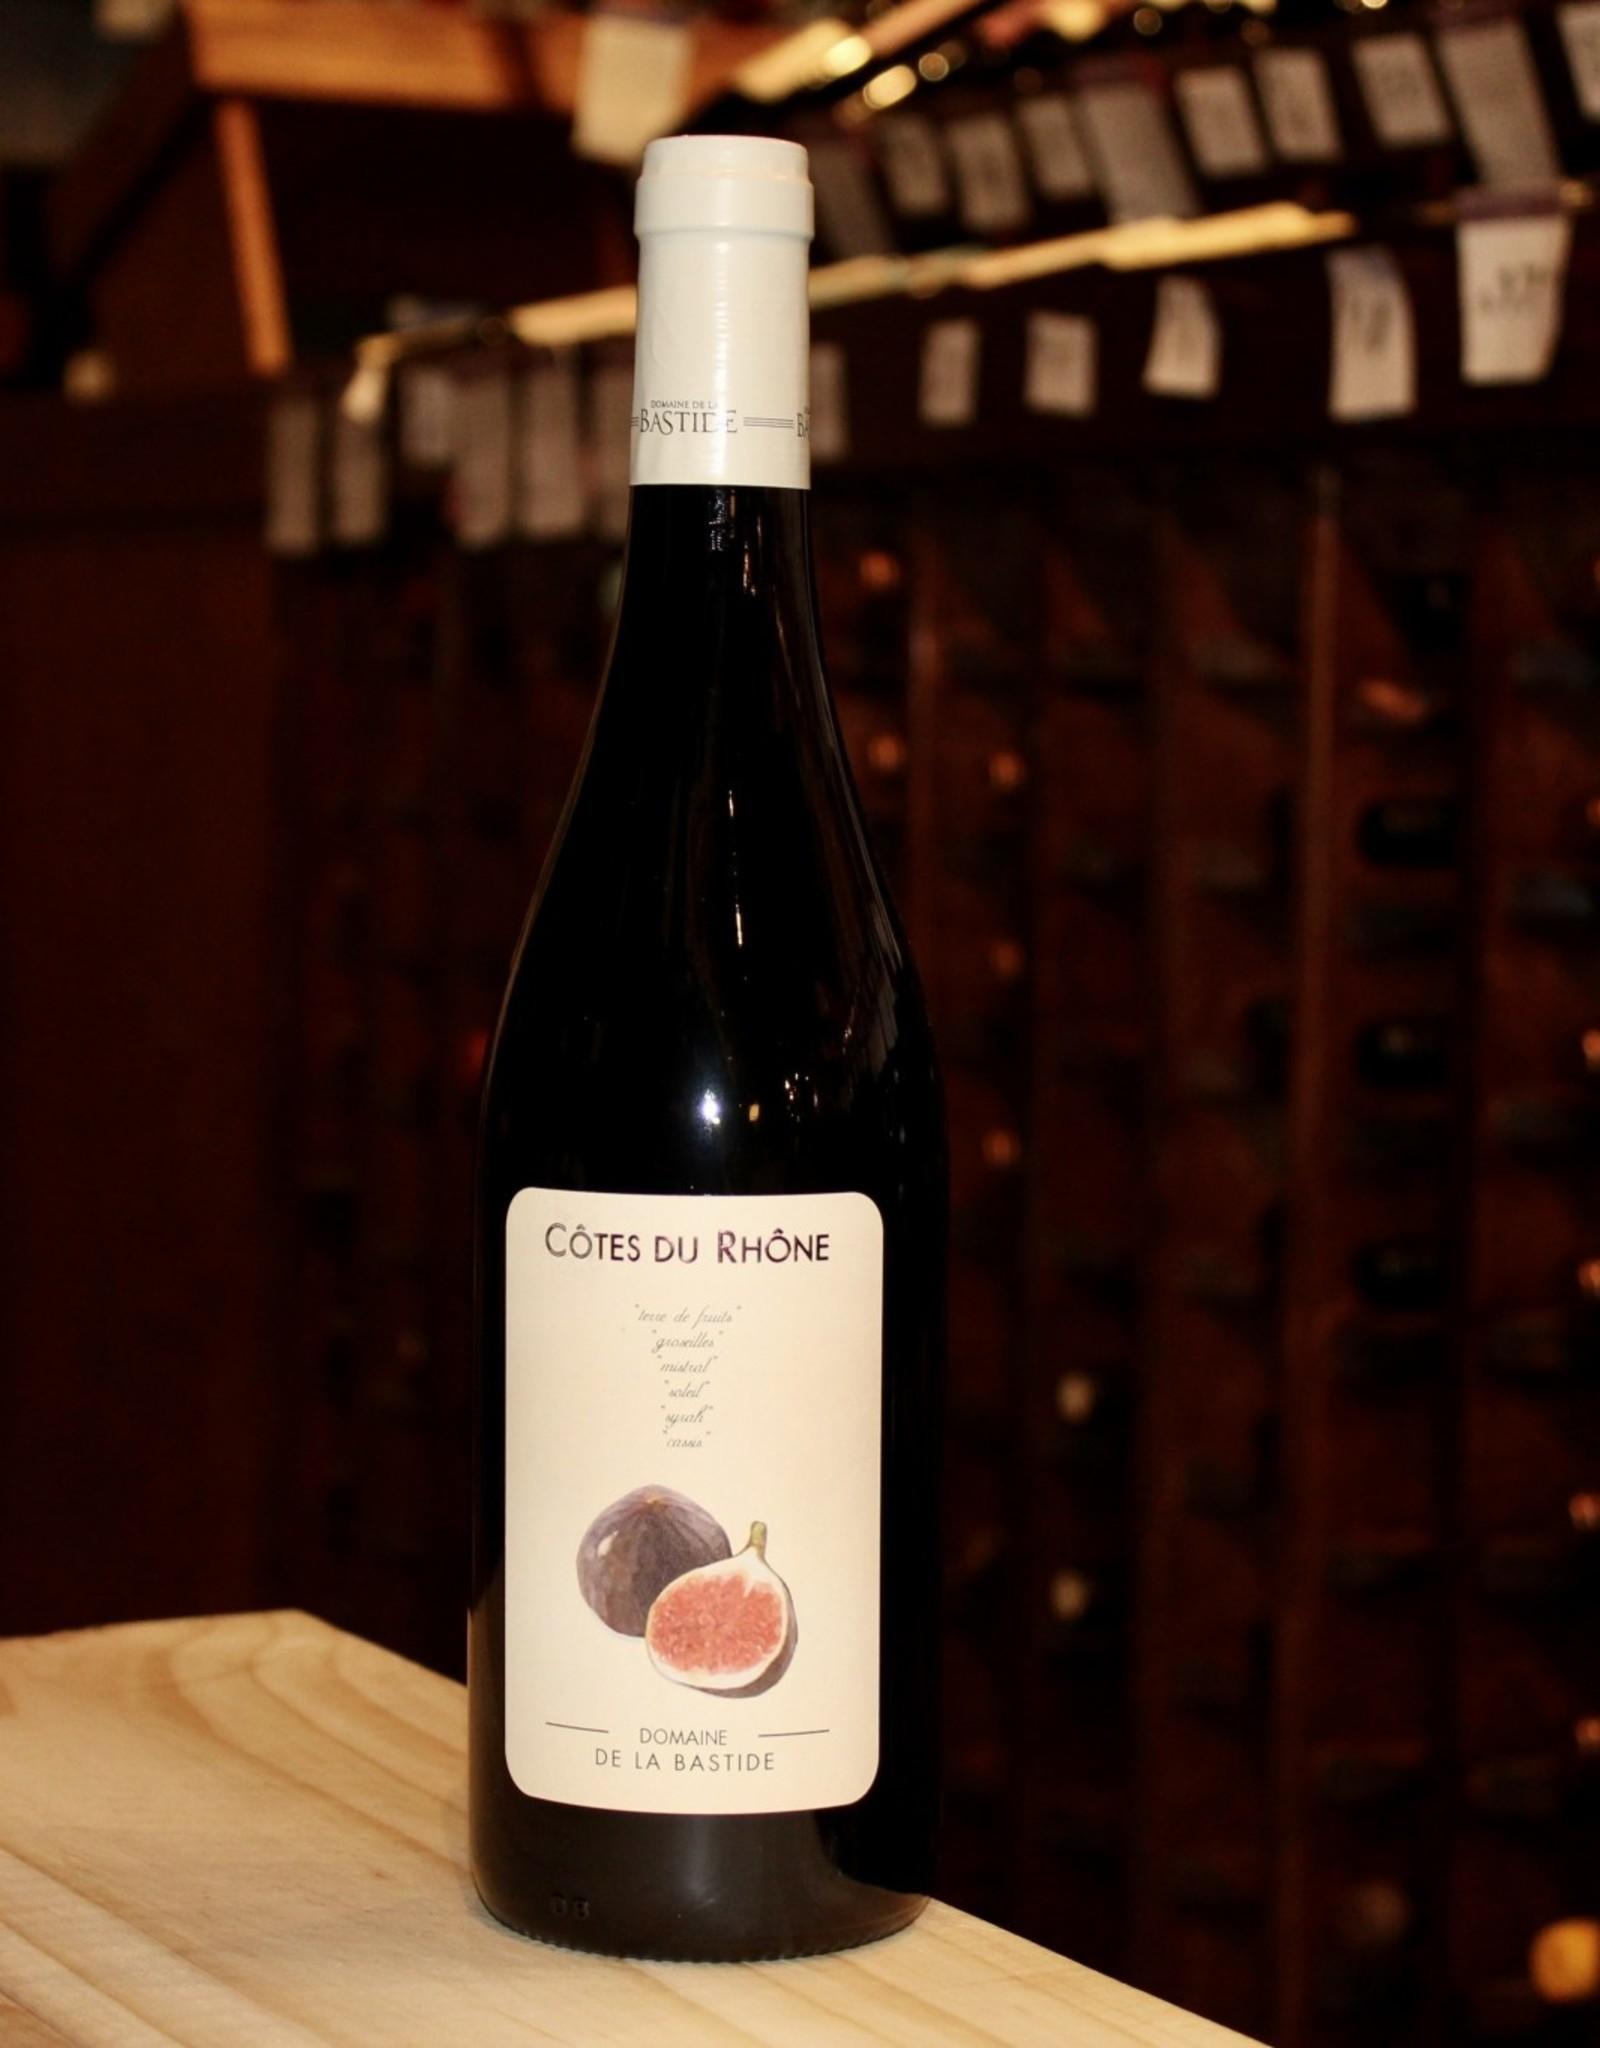 Wine 2019 Domaine de la Bastide 'Figue' Rouge - Cotes du Rhone, France (750ml)